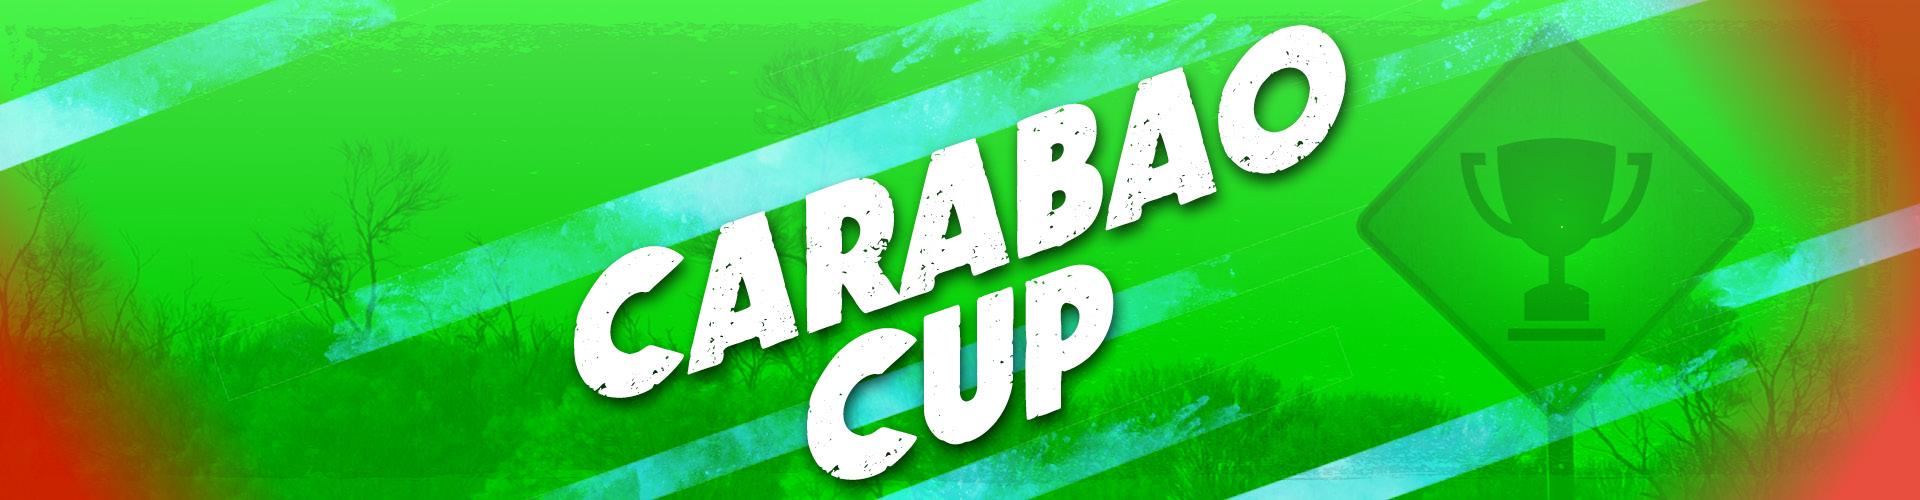 Carabao Cup at Walkabout